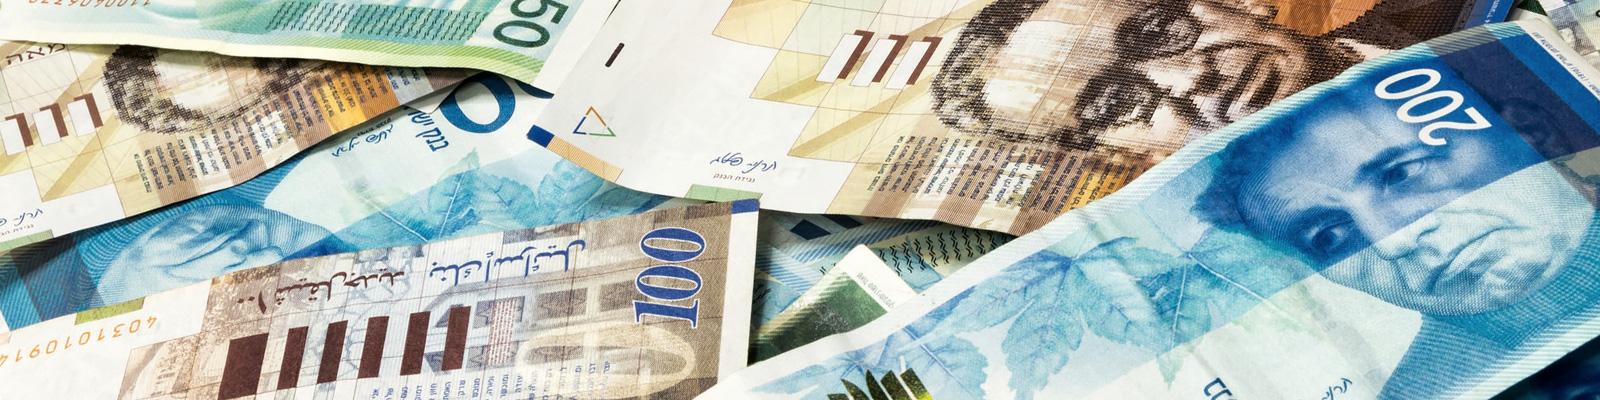 イスラエル 紙幣 イメージ